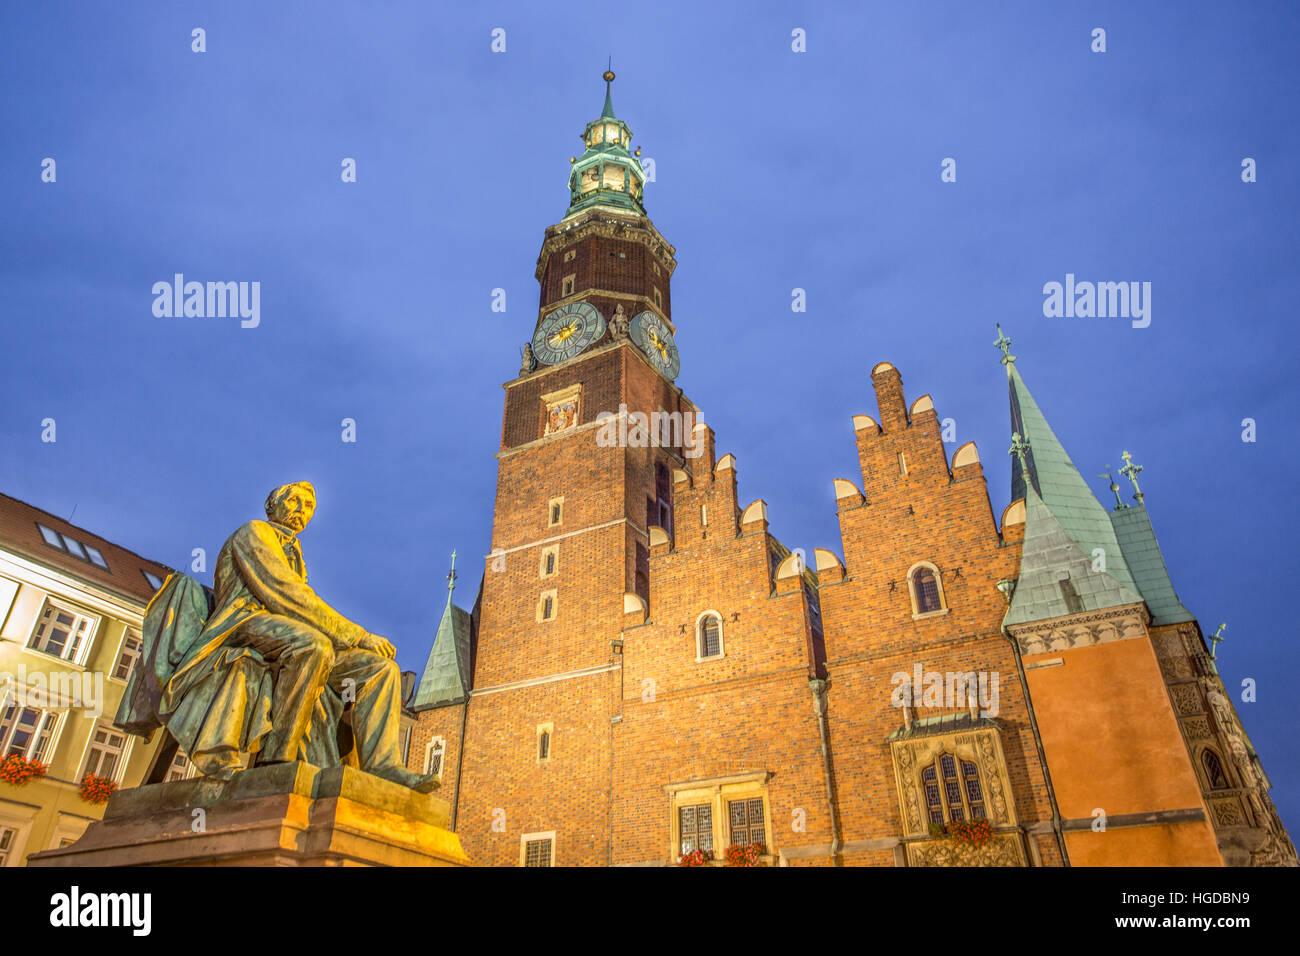 Rathaus in Breslau Stadt bei Nacht Stockbild